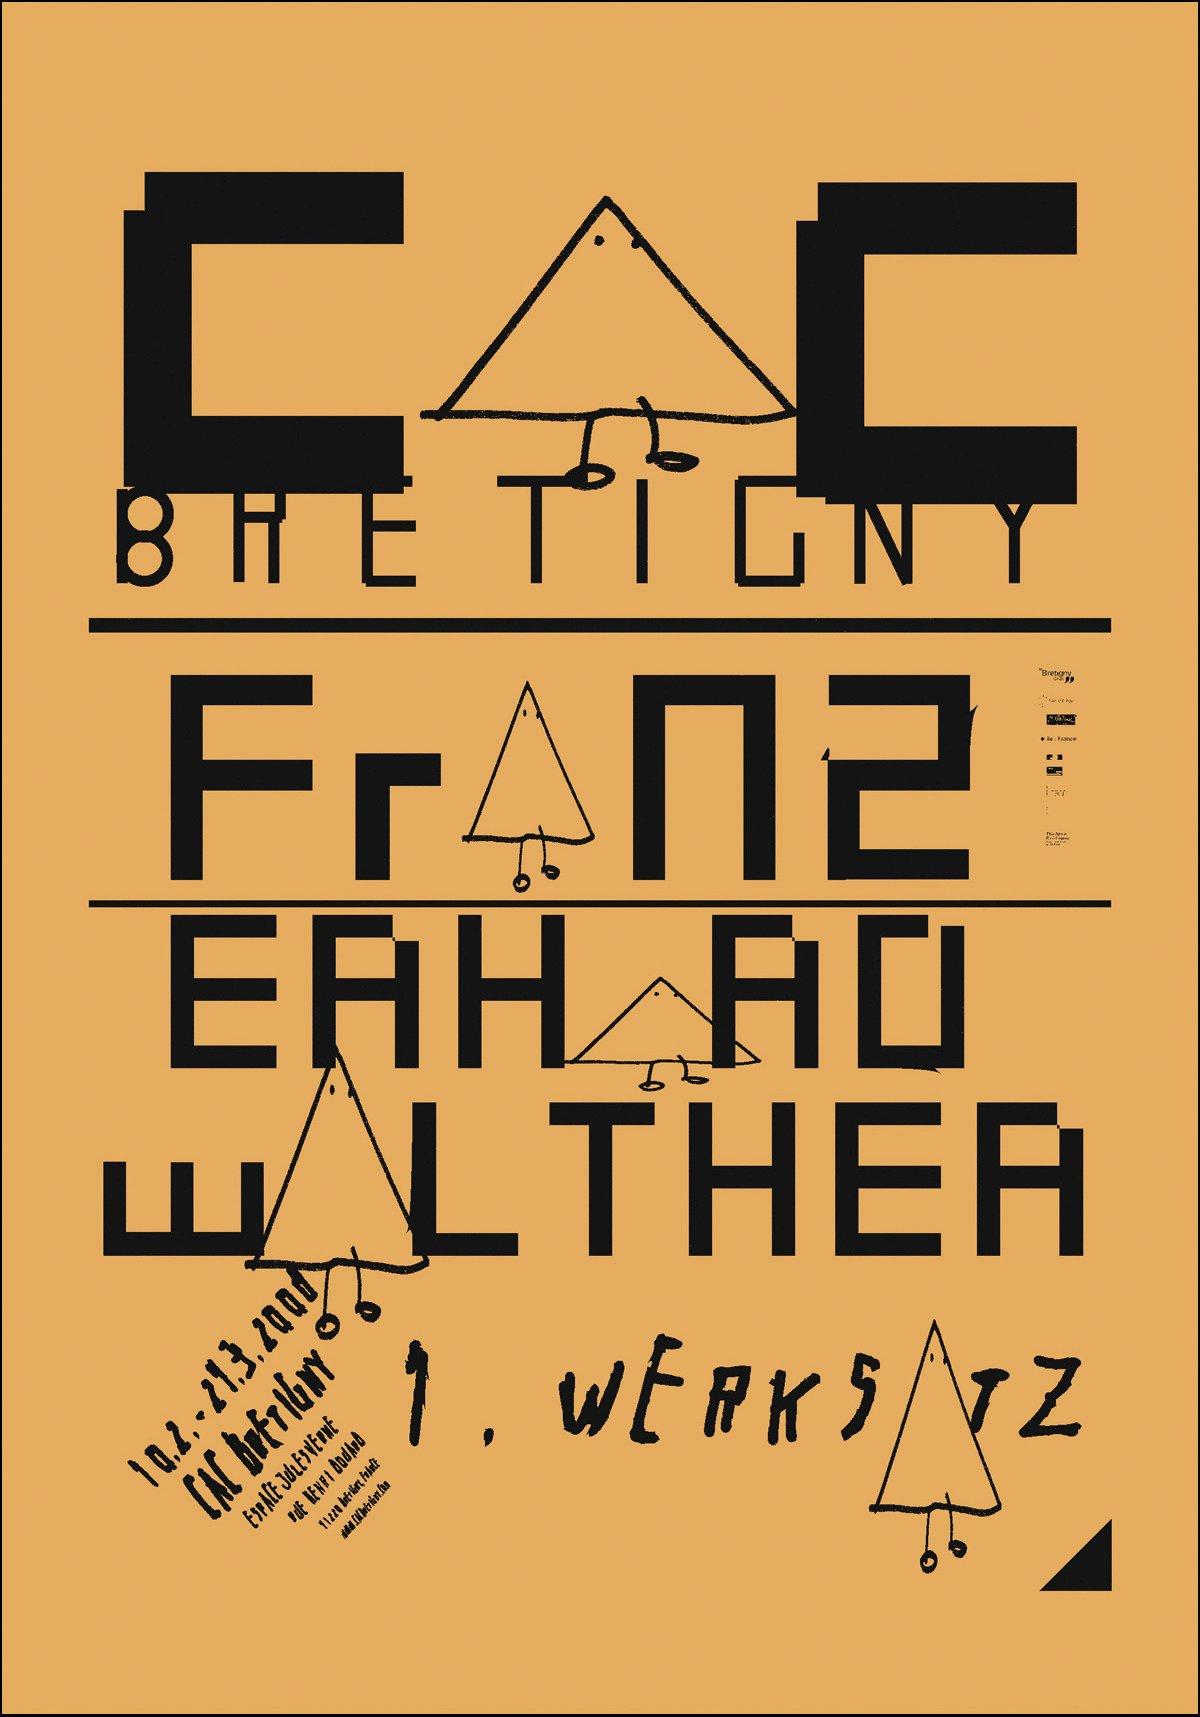 """FRANZ ERHARD WALTHER, <br>""""1. WERKSATZ."""""""